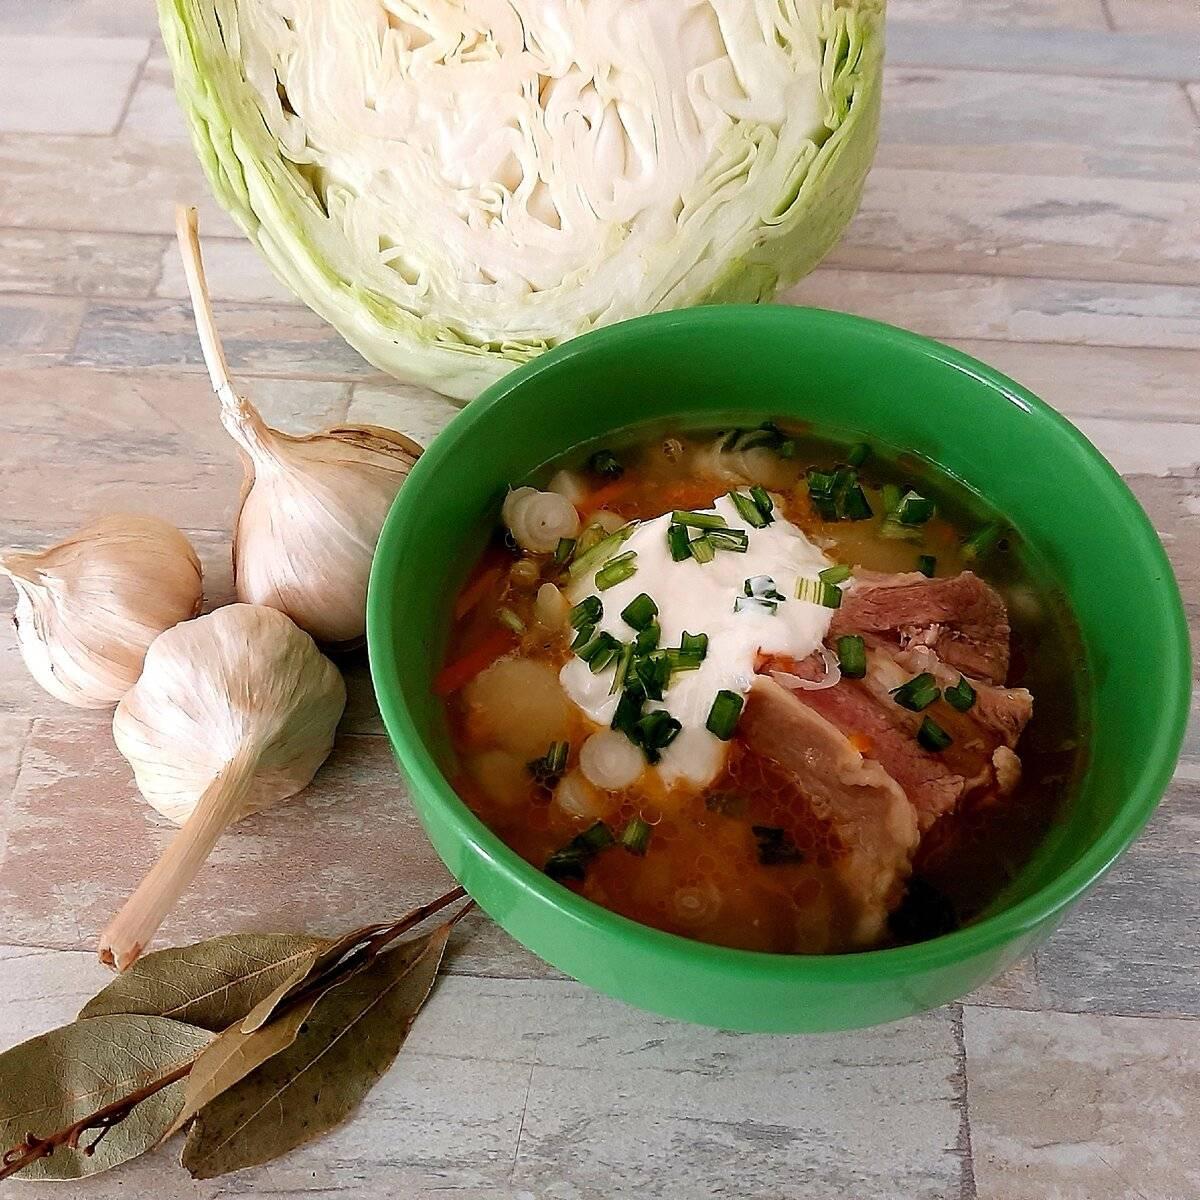 Капуста при грудном вскармливании: польза брокколи для кормящей мамы, можно ли есть тушёный овощ при гв в первый месяц кормления